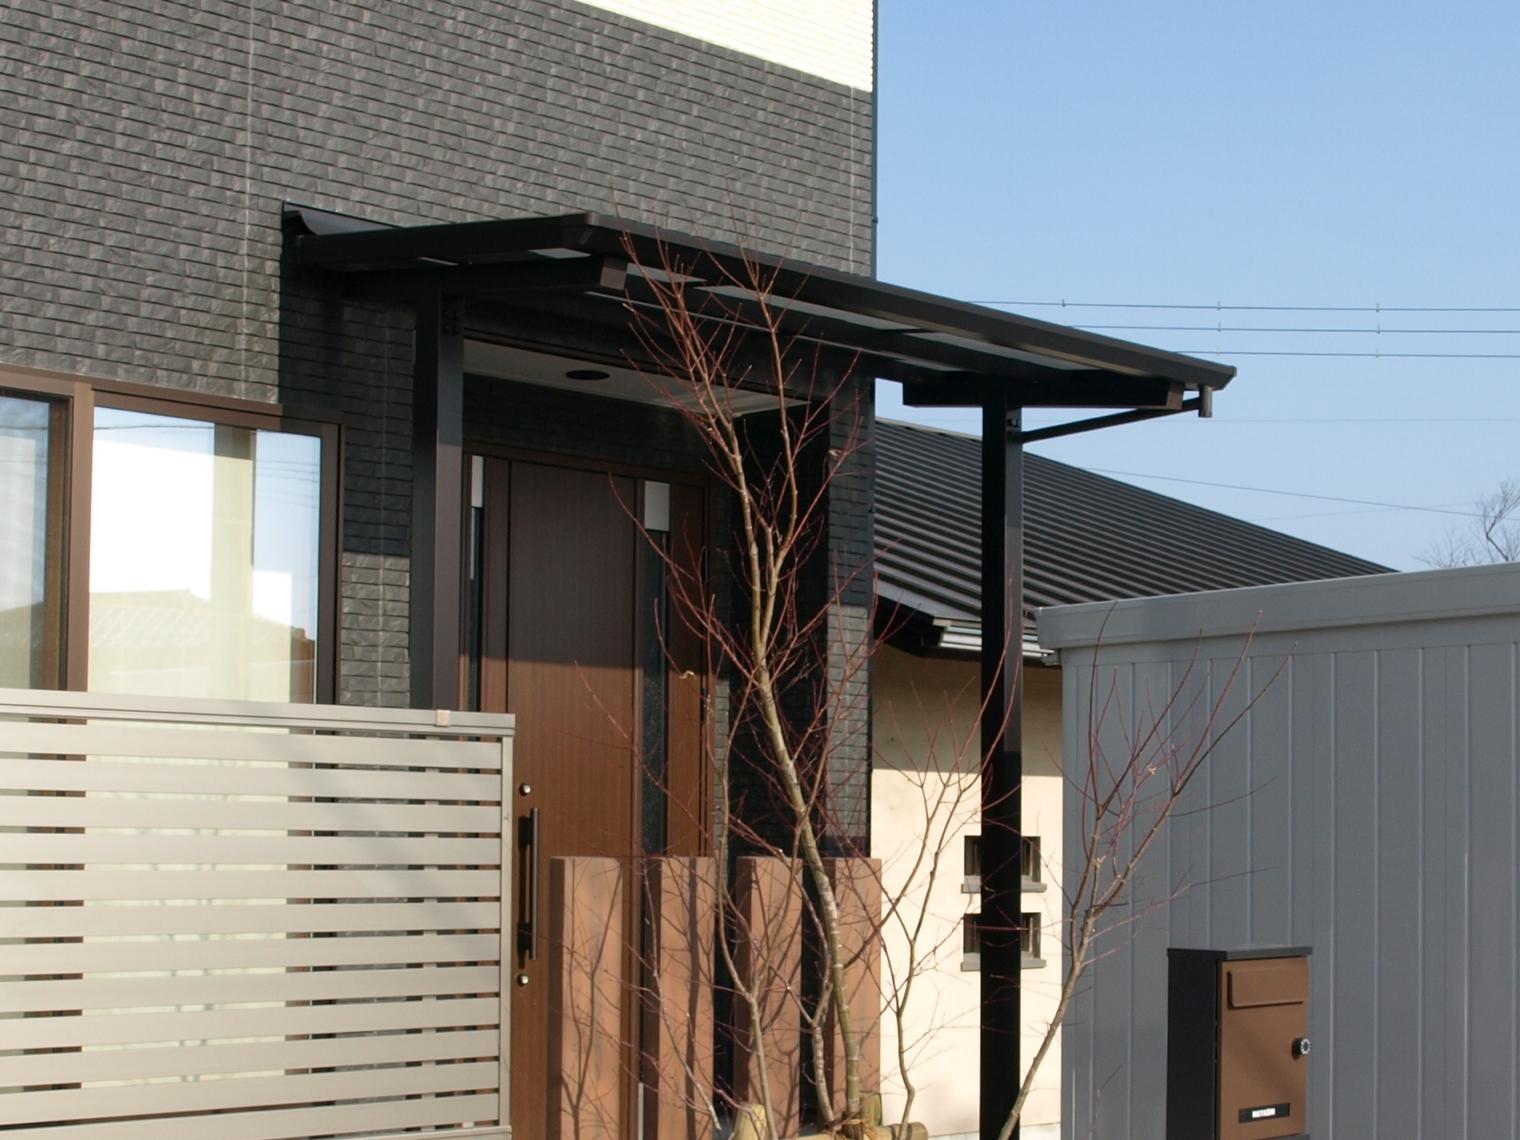 島根県出雲市・雲南市・大田市のお庭のリフォーム・新築外構・エクステリア工事はTakezo・ファーム